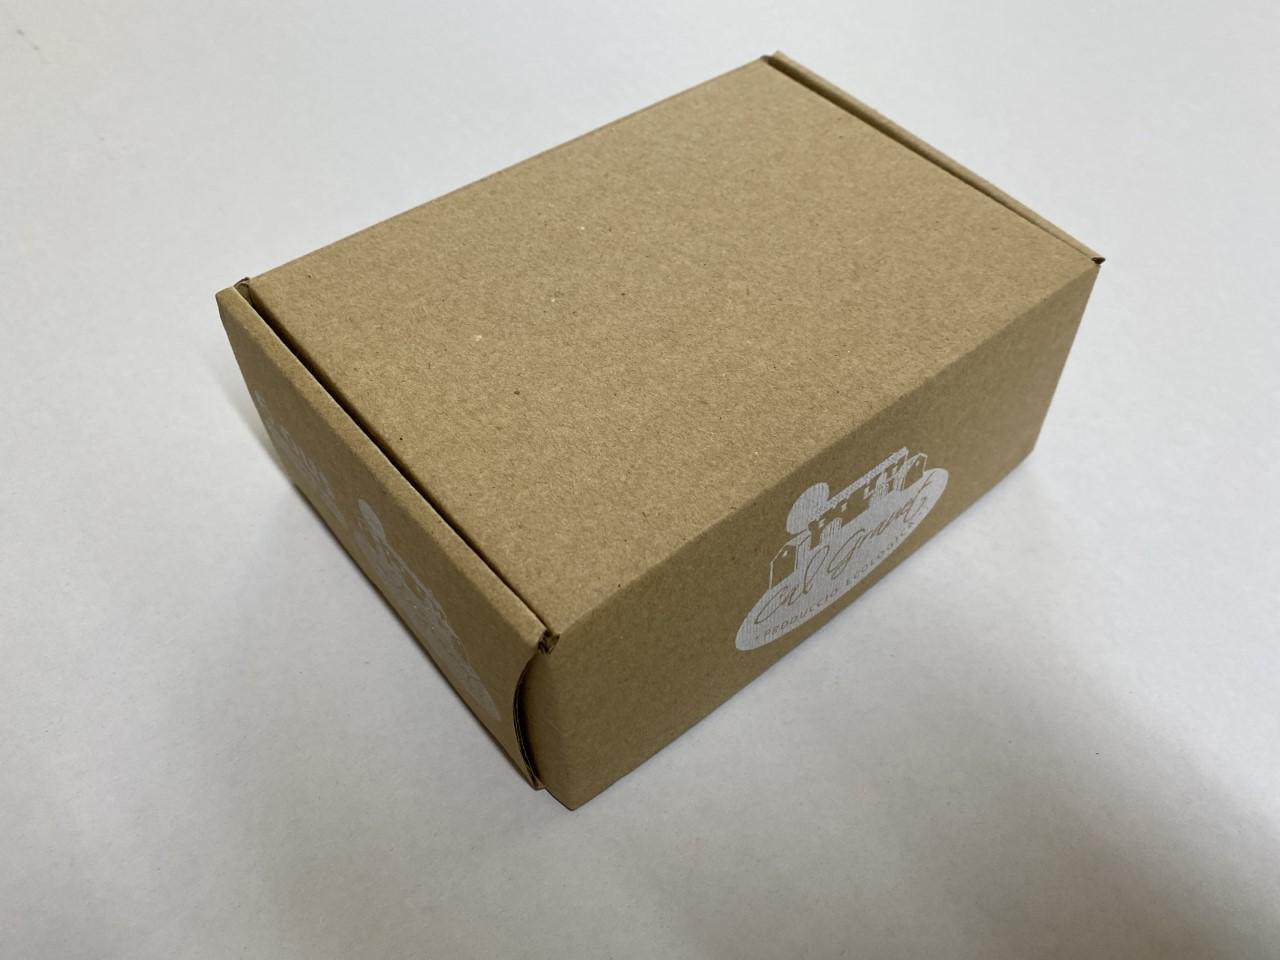 Hueveras de cartón | Cajas de cartón para huevos